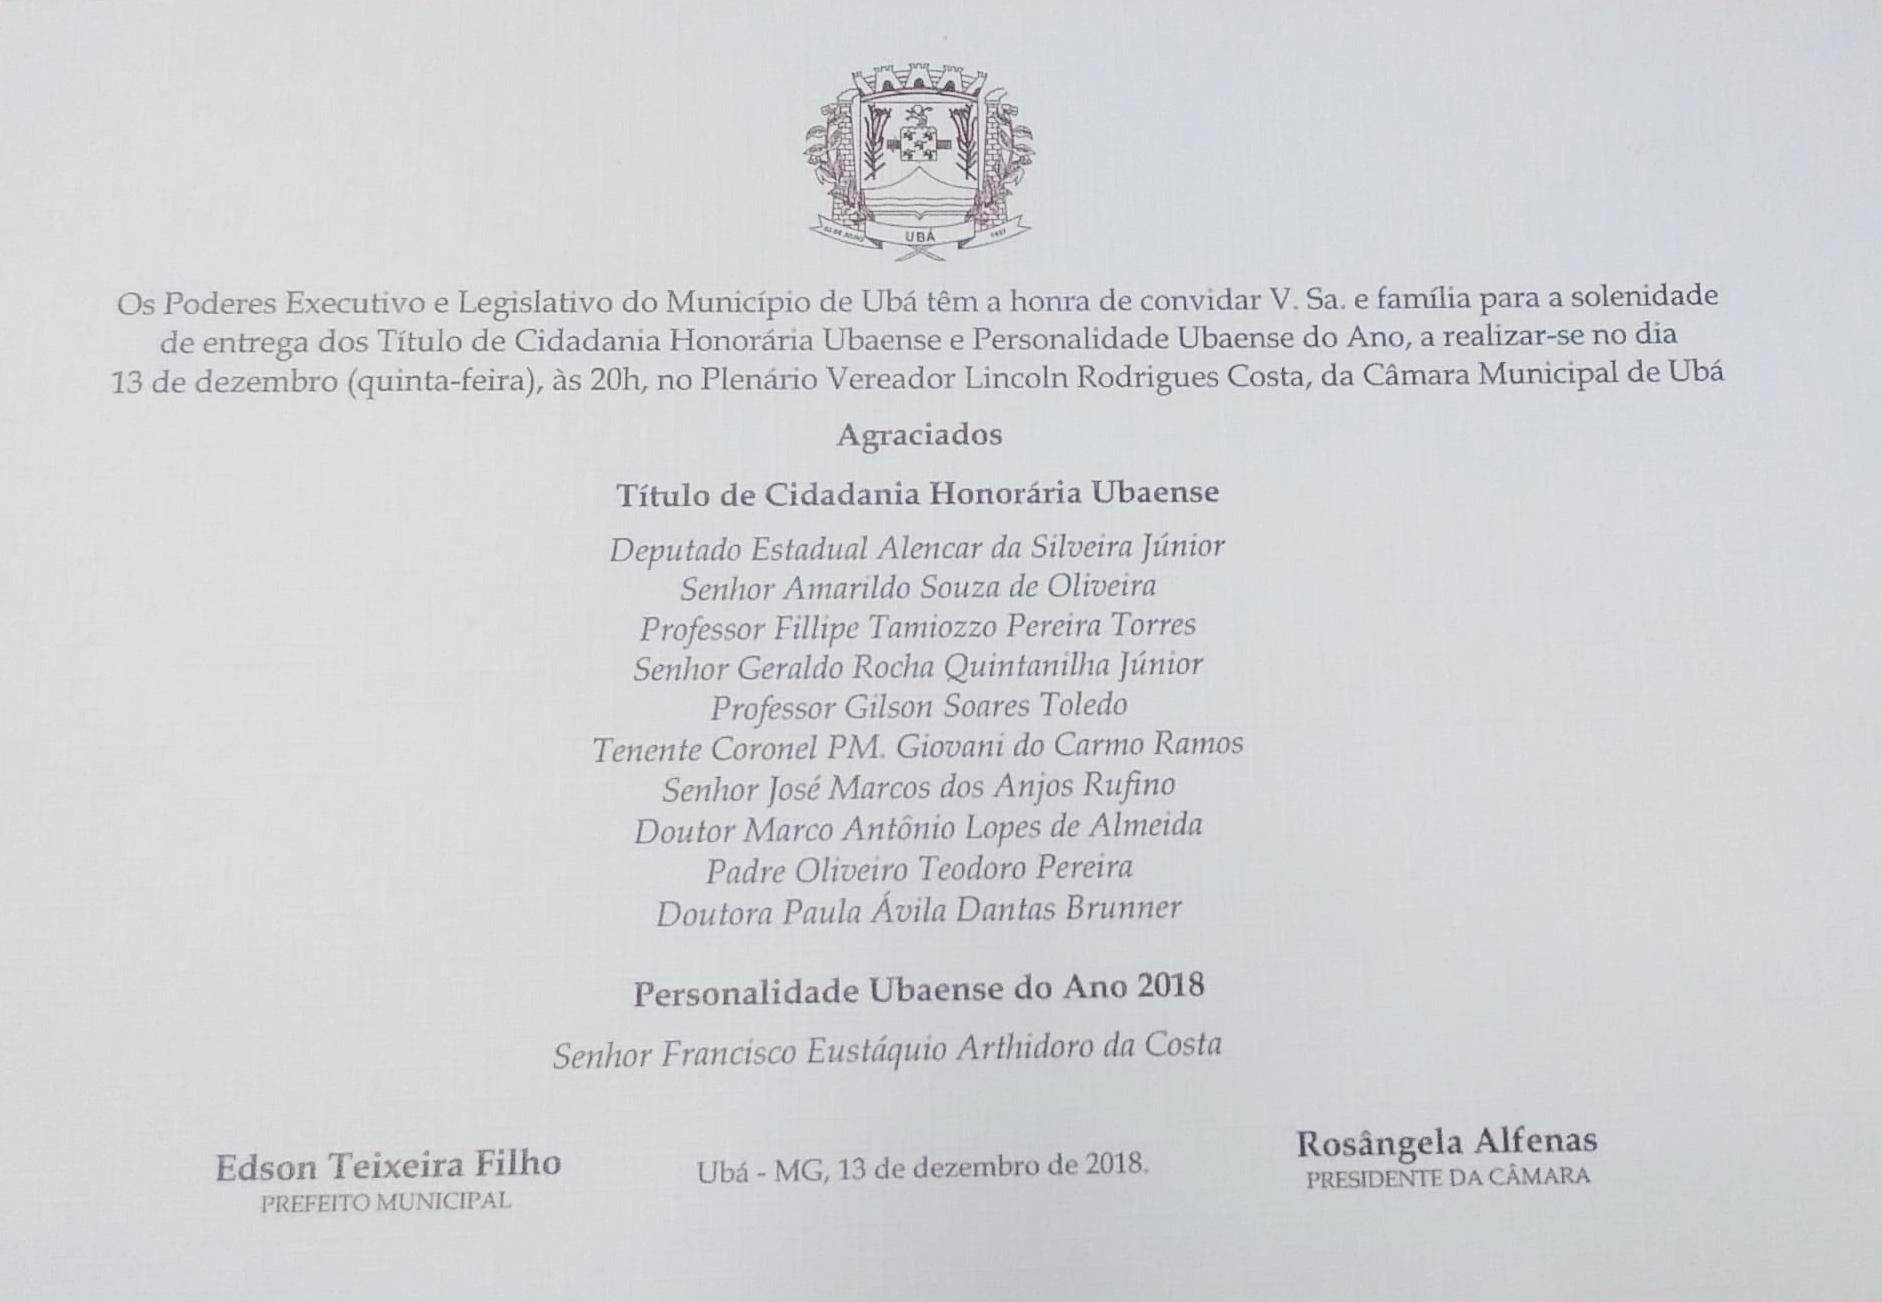 Solenidade de entrega de Títulos de Cidadania Honorária e Personalidade Ubaense será realizada na quinta-feira (13)